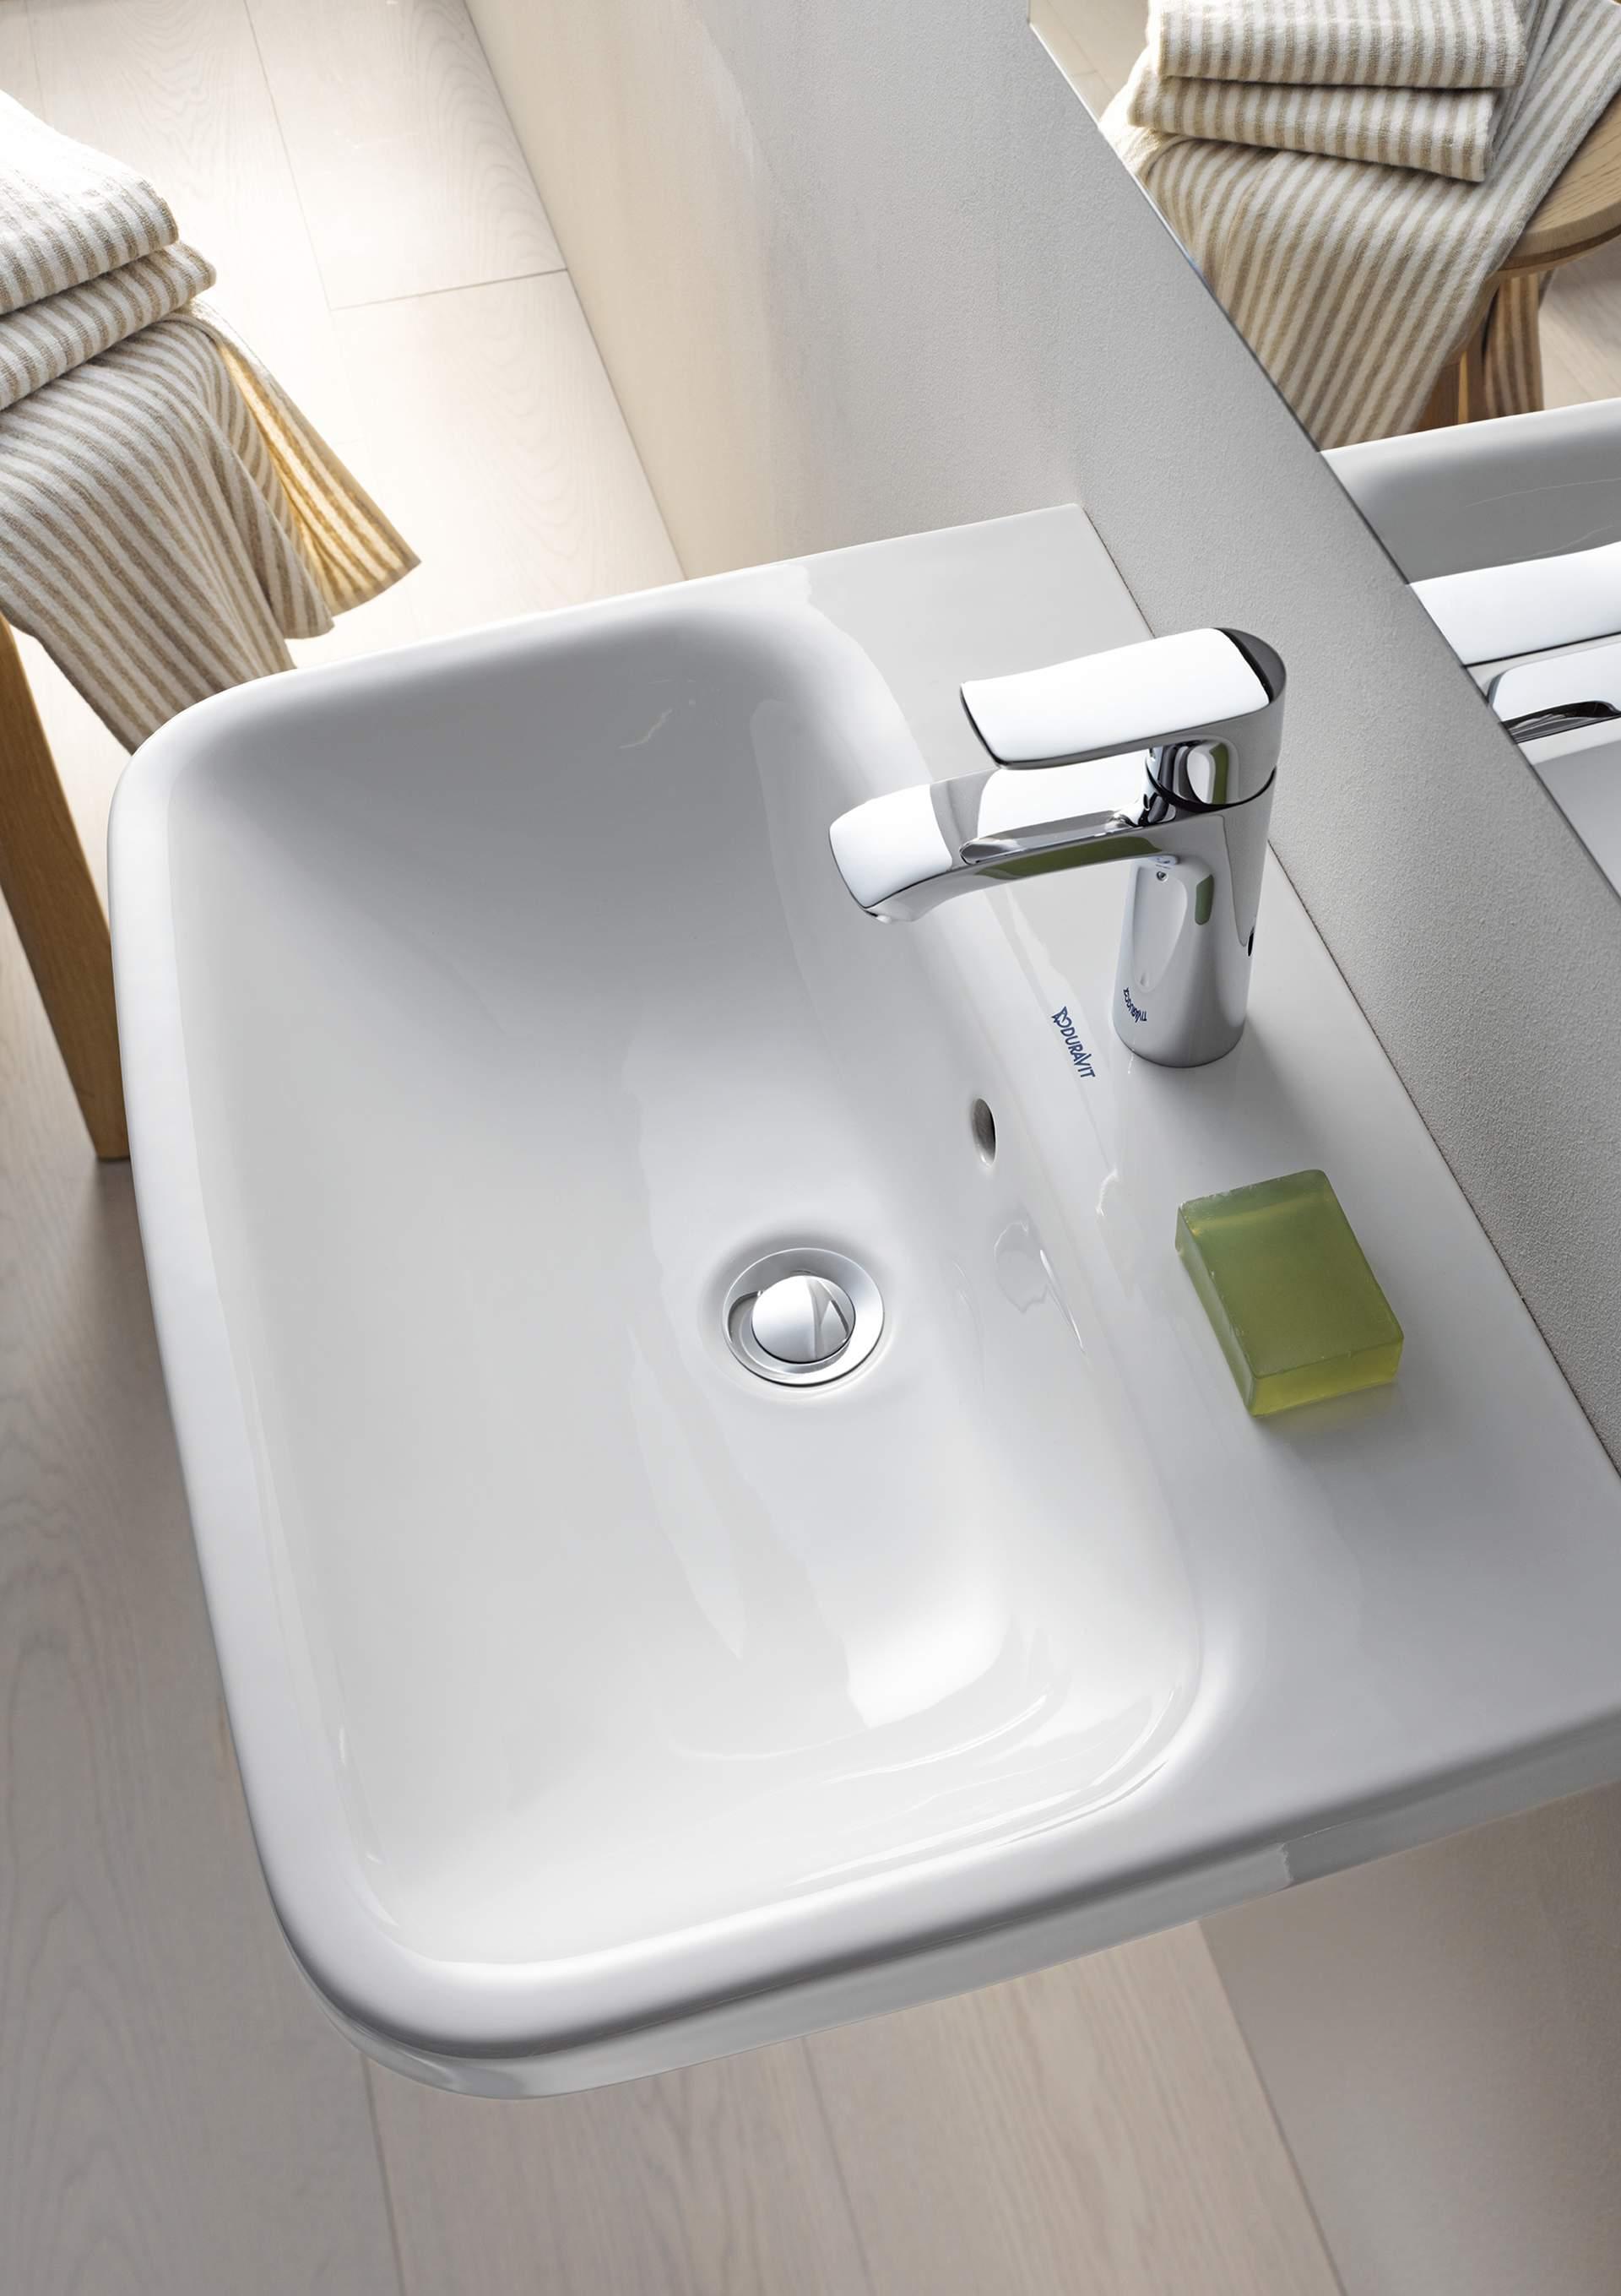 durastyle waschtisch 231965 duravit. Black Bedroom Furniture Sets. Home Design Ideas